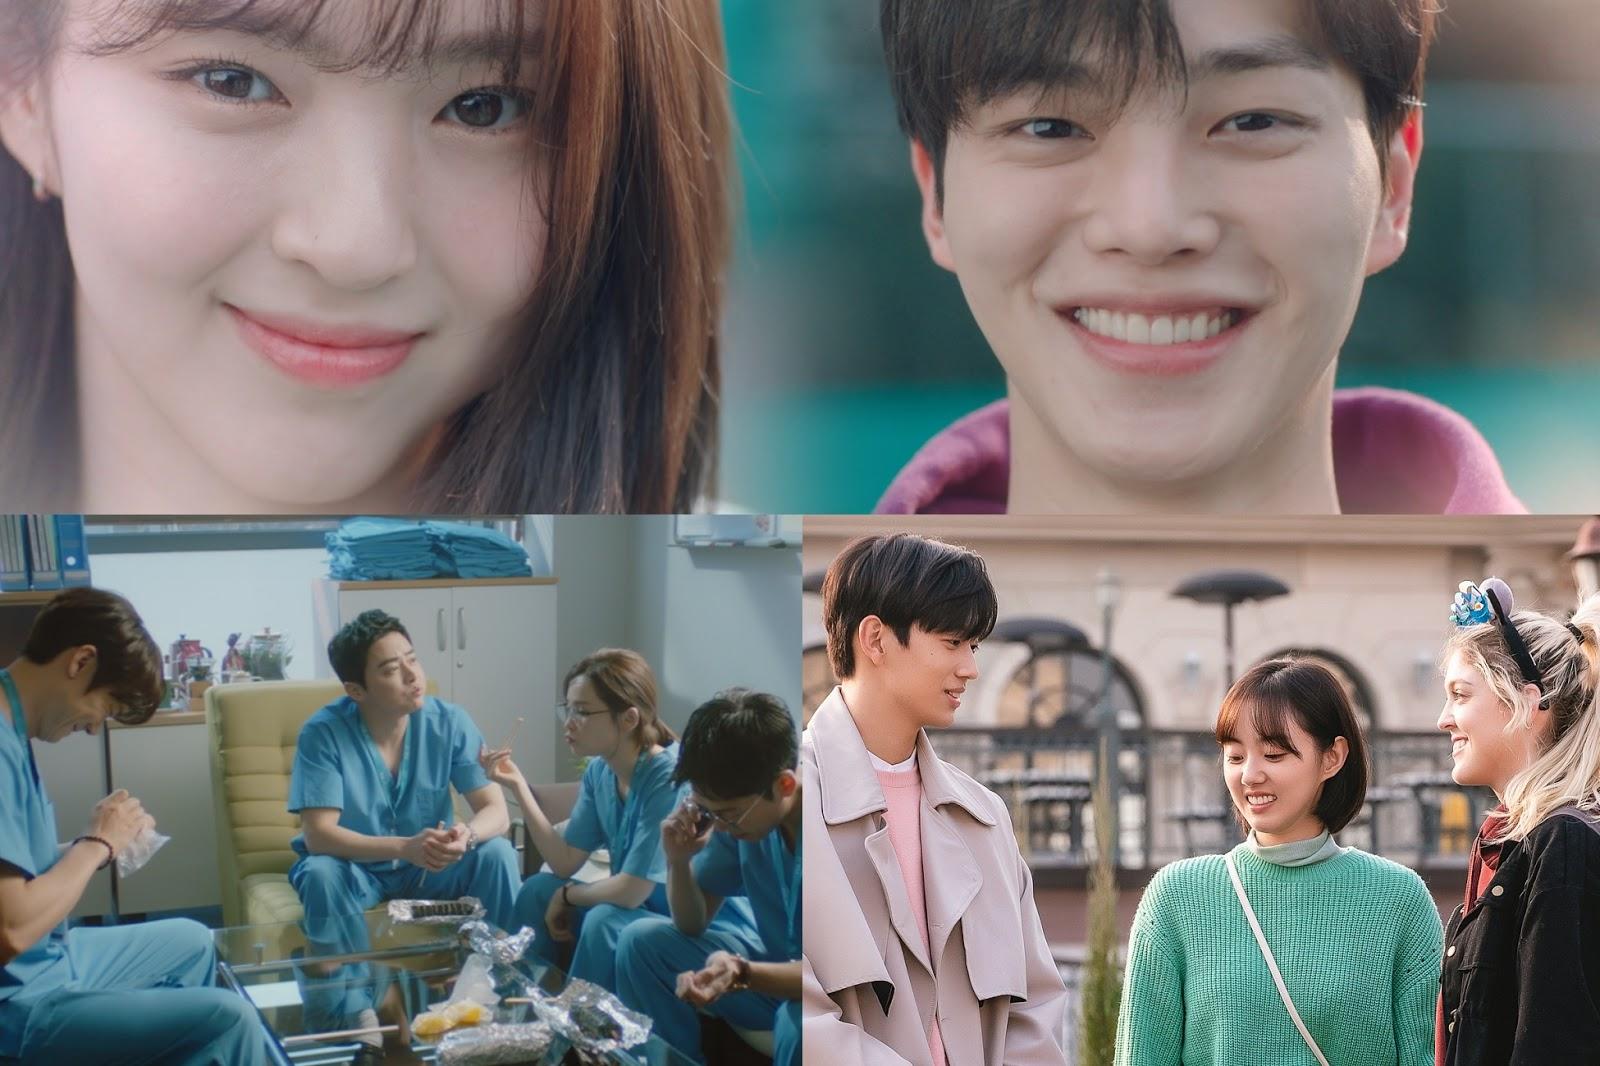 เตรียมรับมือหย่อมความรักกำลังสูงระลอกใหม่เดือนมิถุนายนนี้กับ 5 เรื่องราวจากเกาหลีสุดโรแมนติกบน Netflix